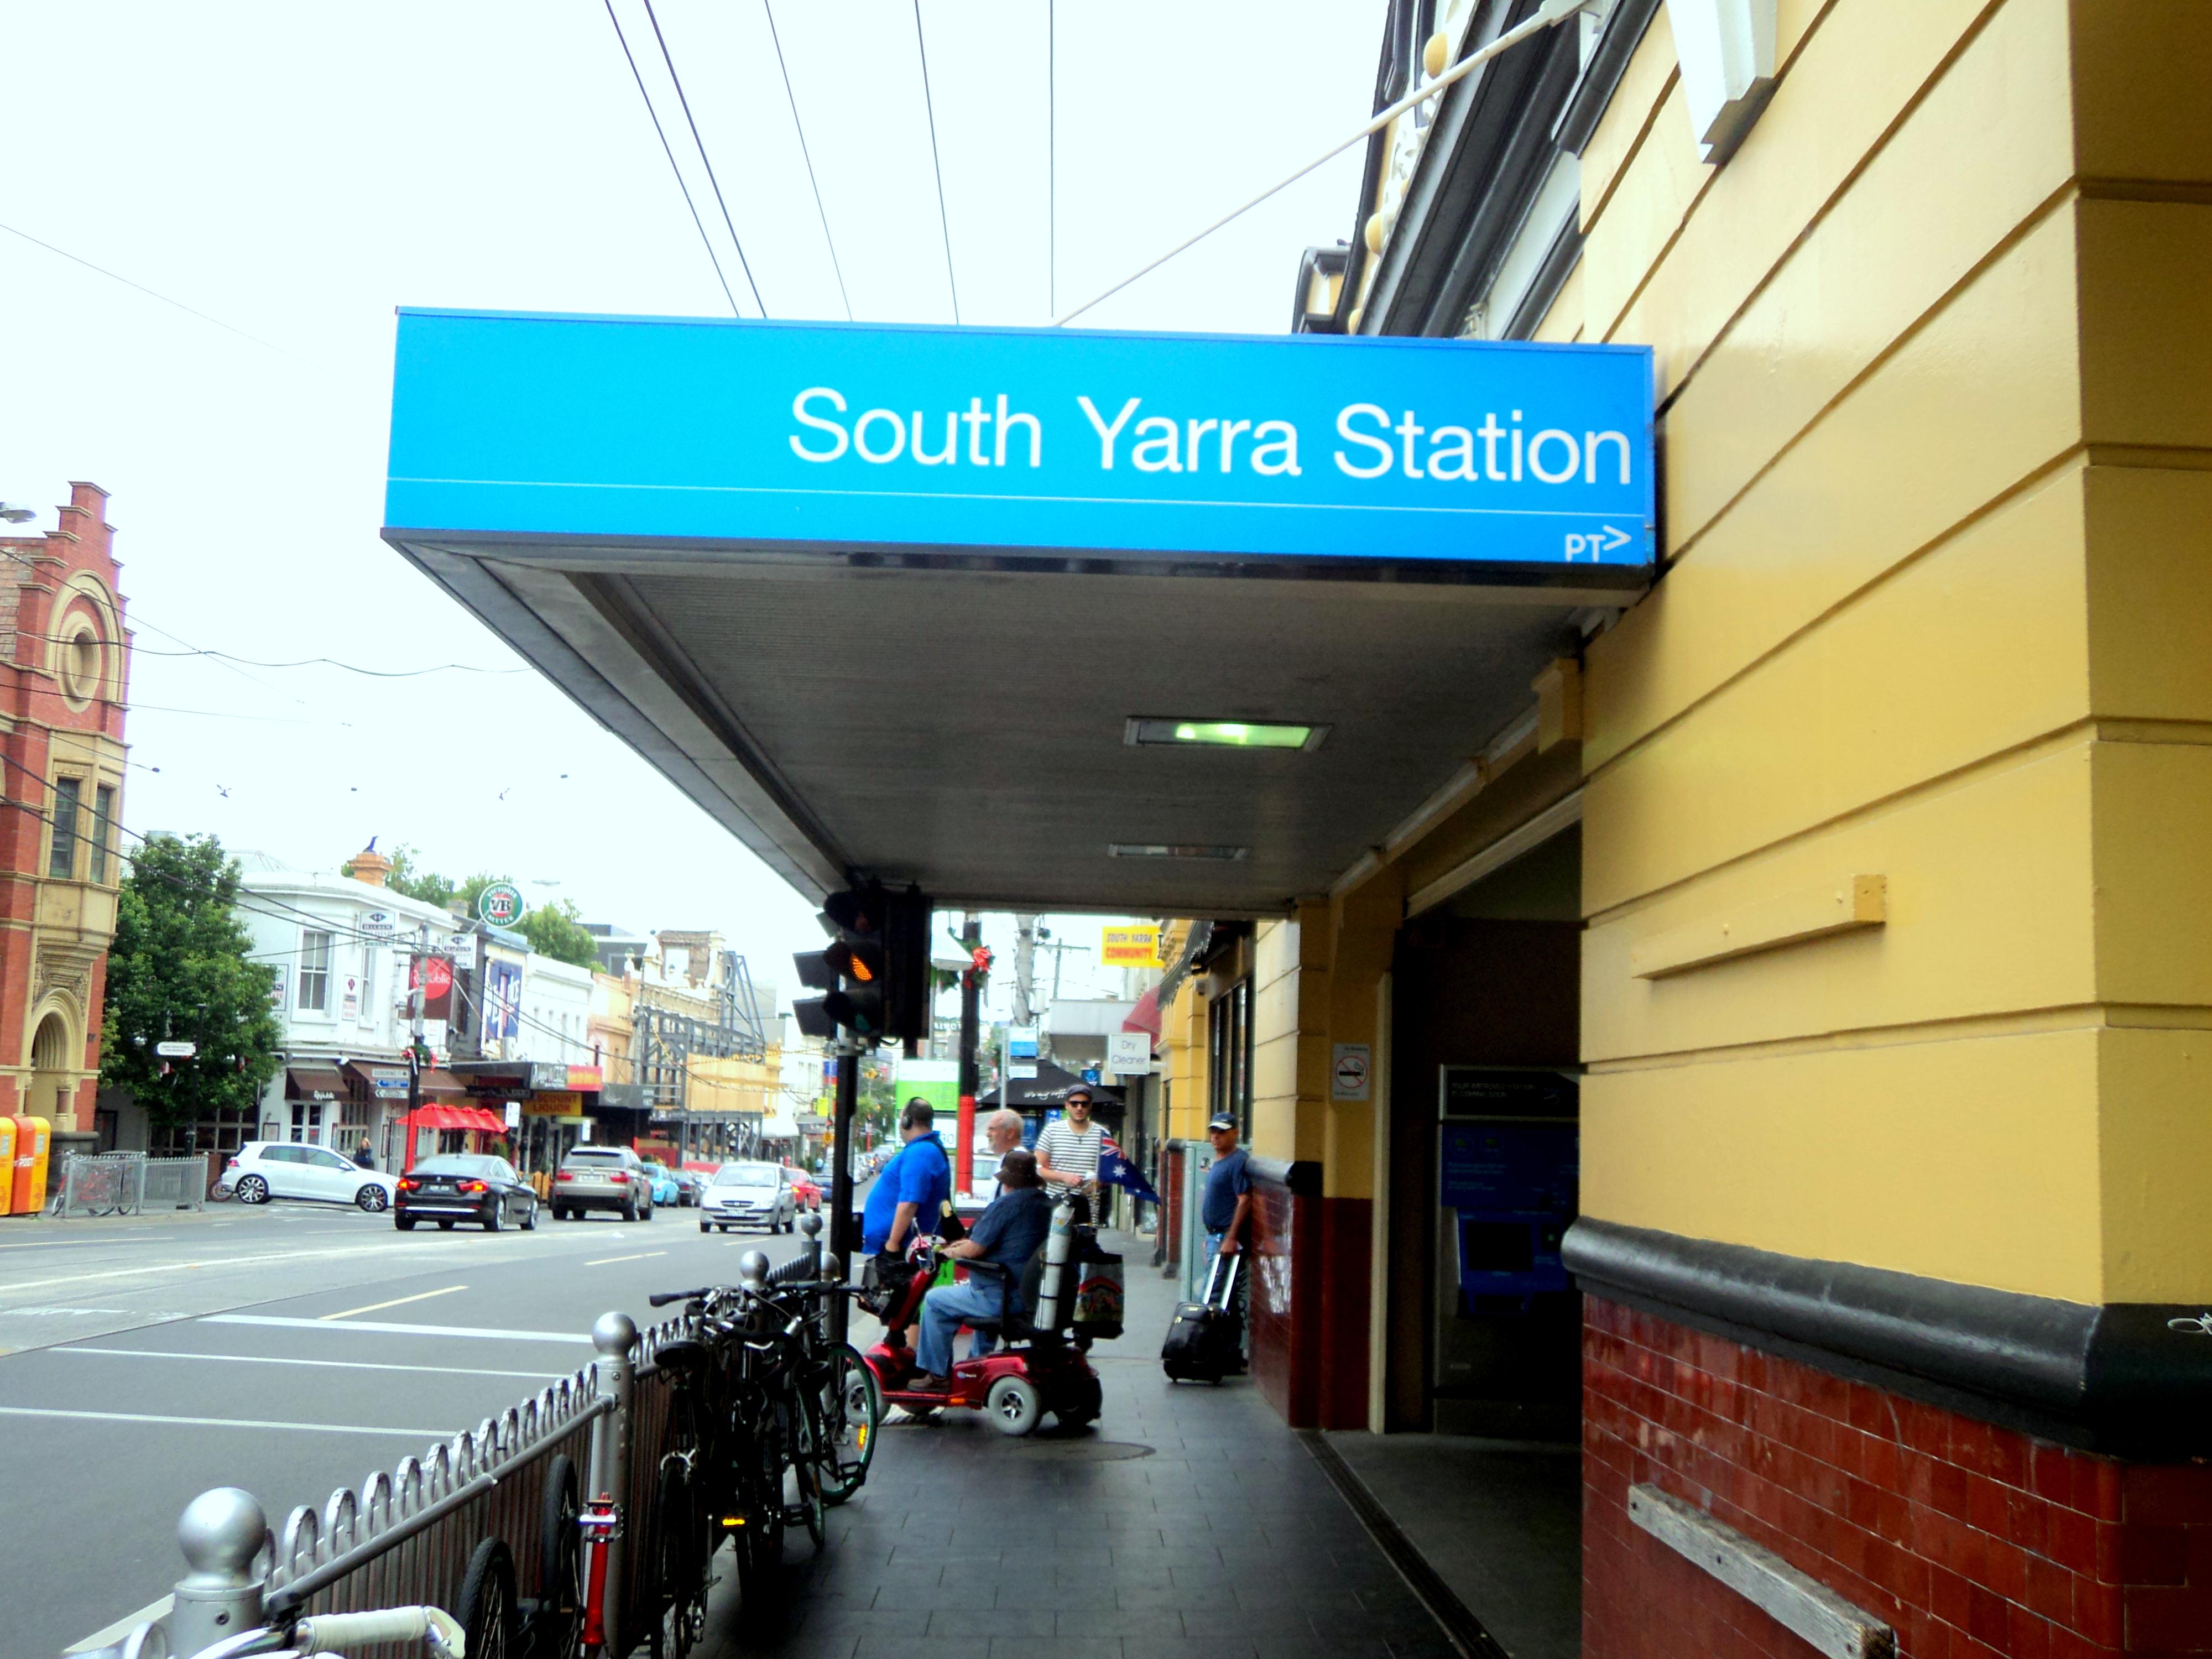 South Yarra train station